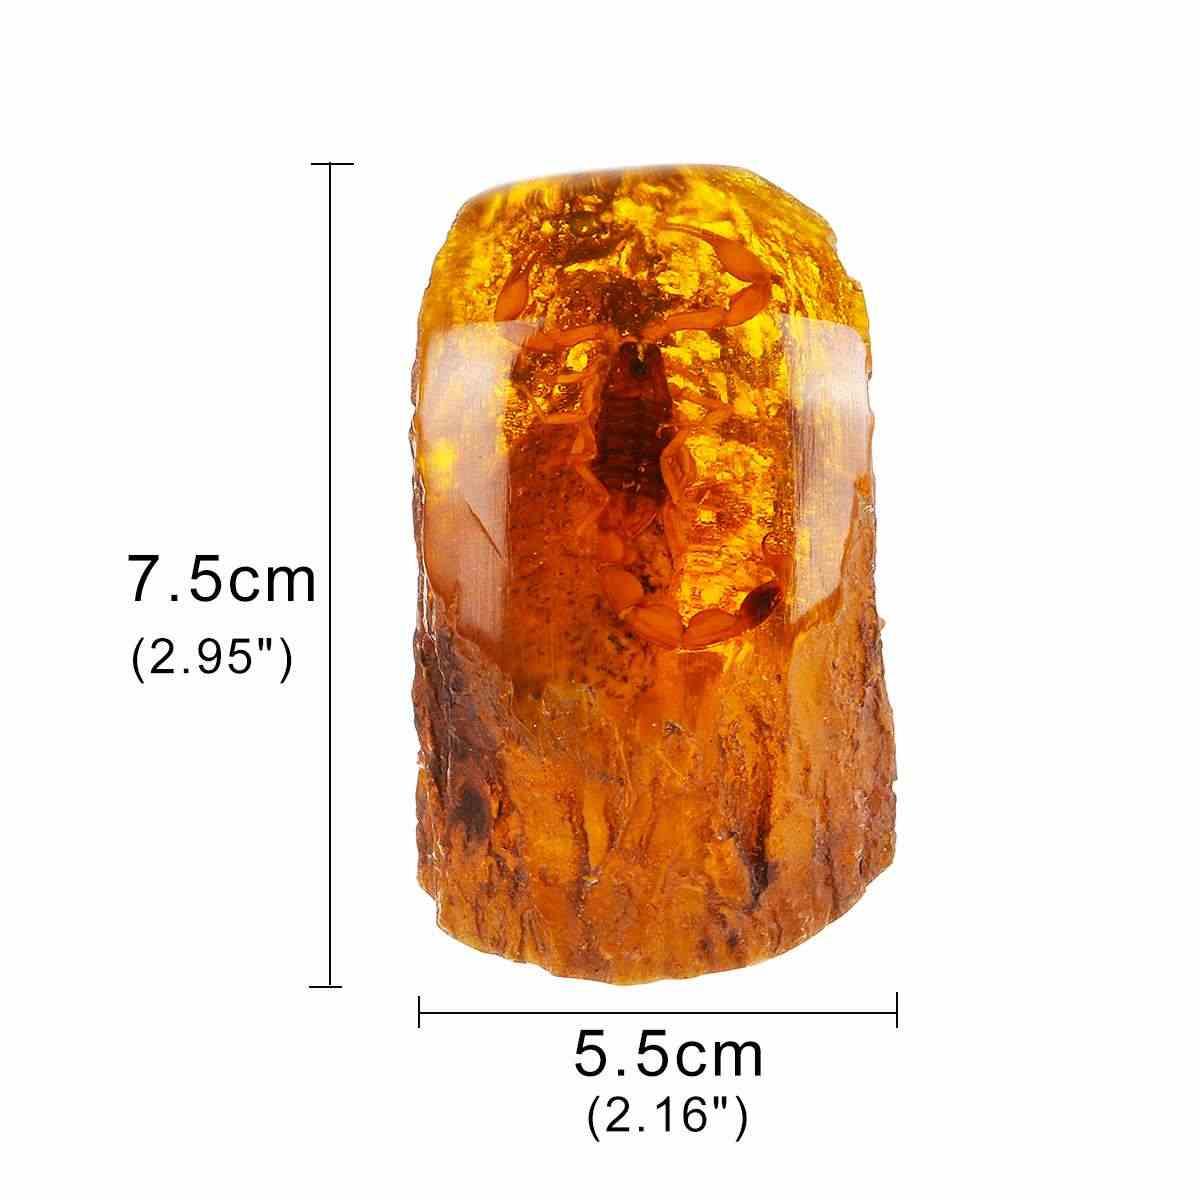 Amber Serangga Kalajengking Sampel Batu Kristal Spesimen Imitasi Penyembuhan Dekorasi Rumah Koleksi